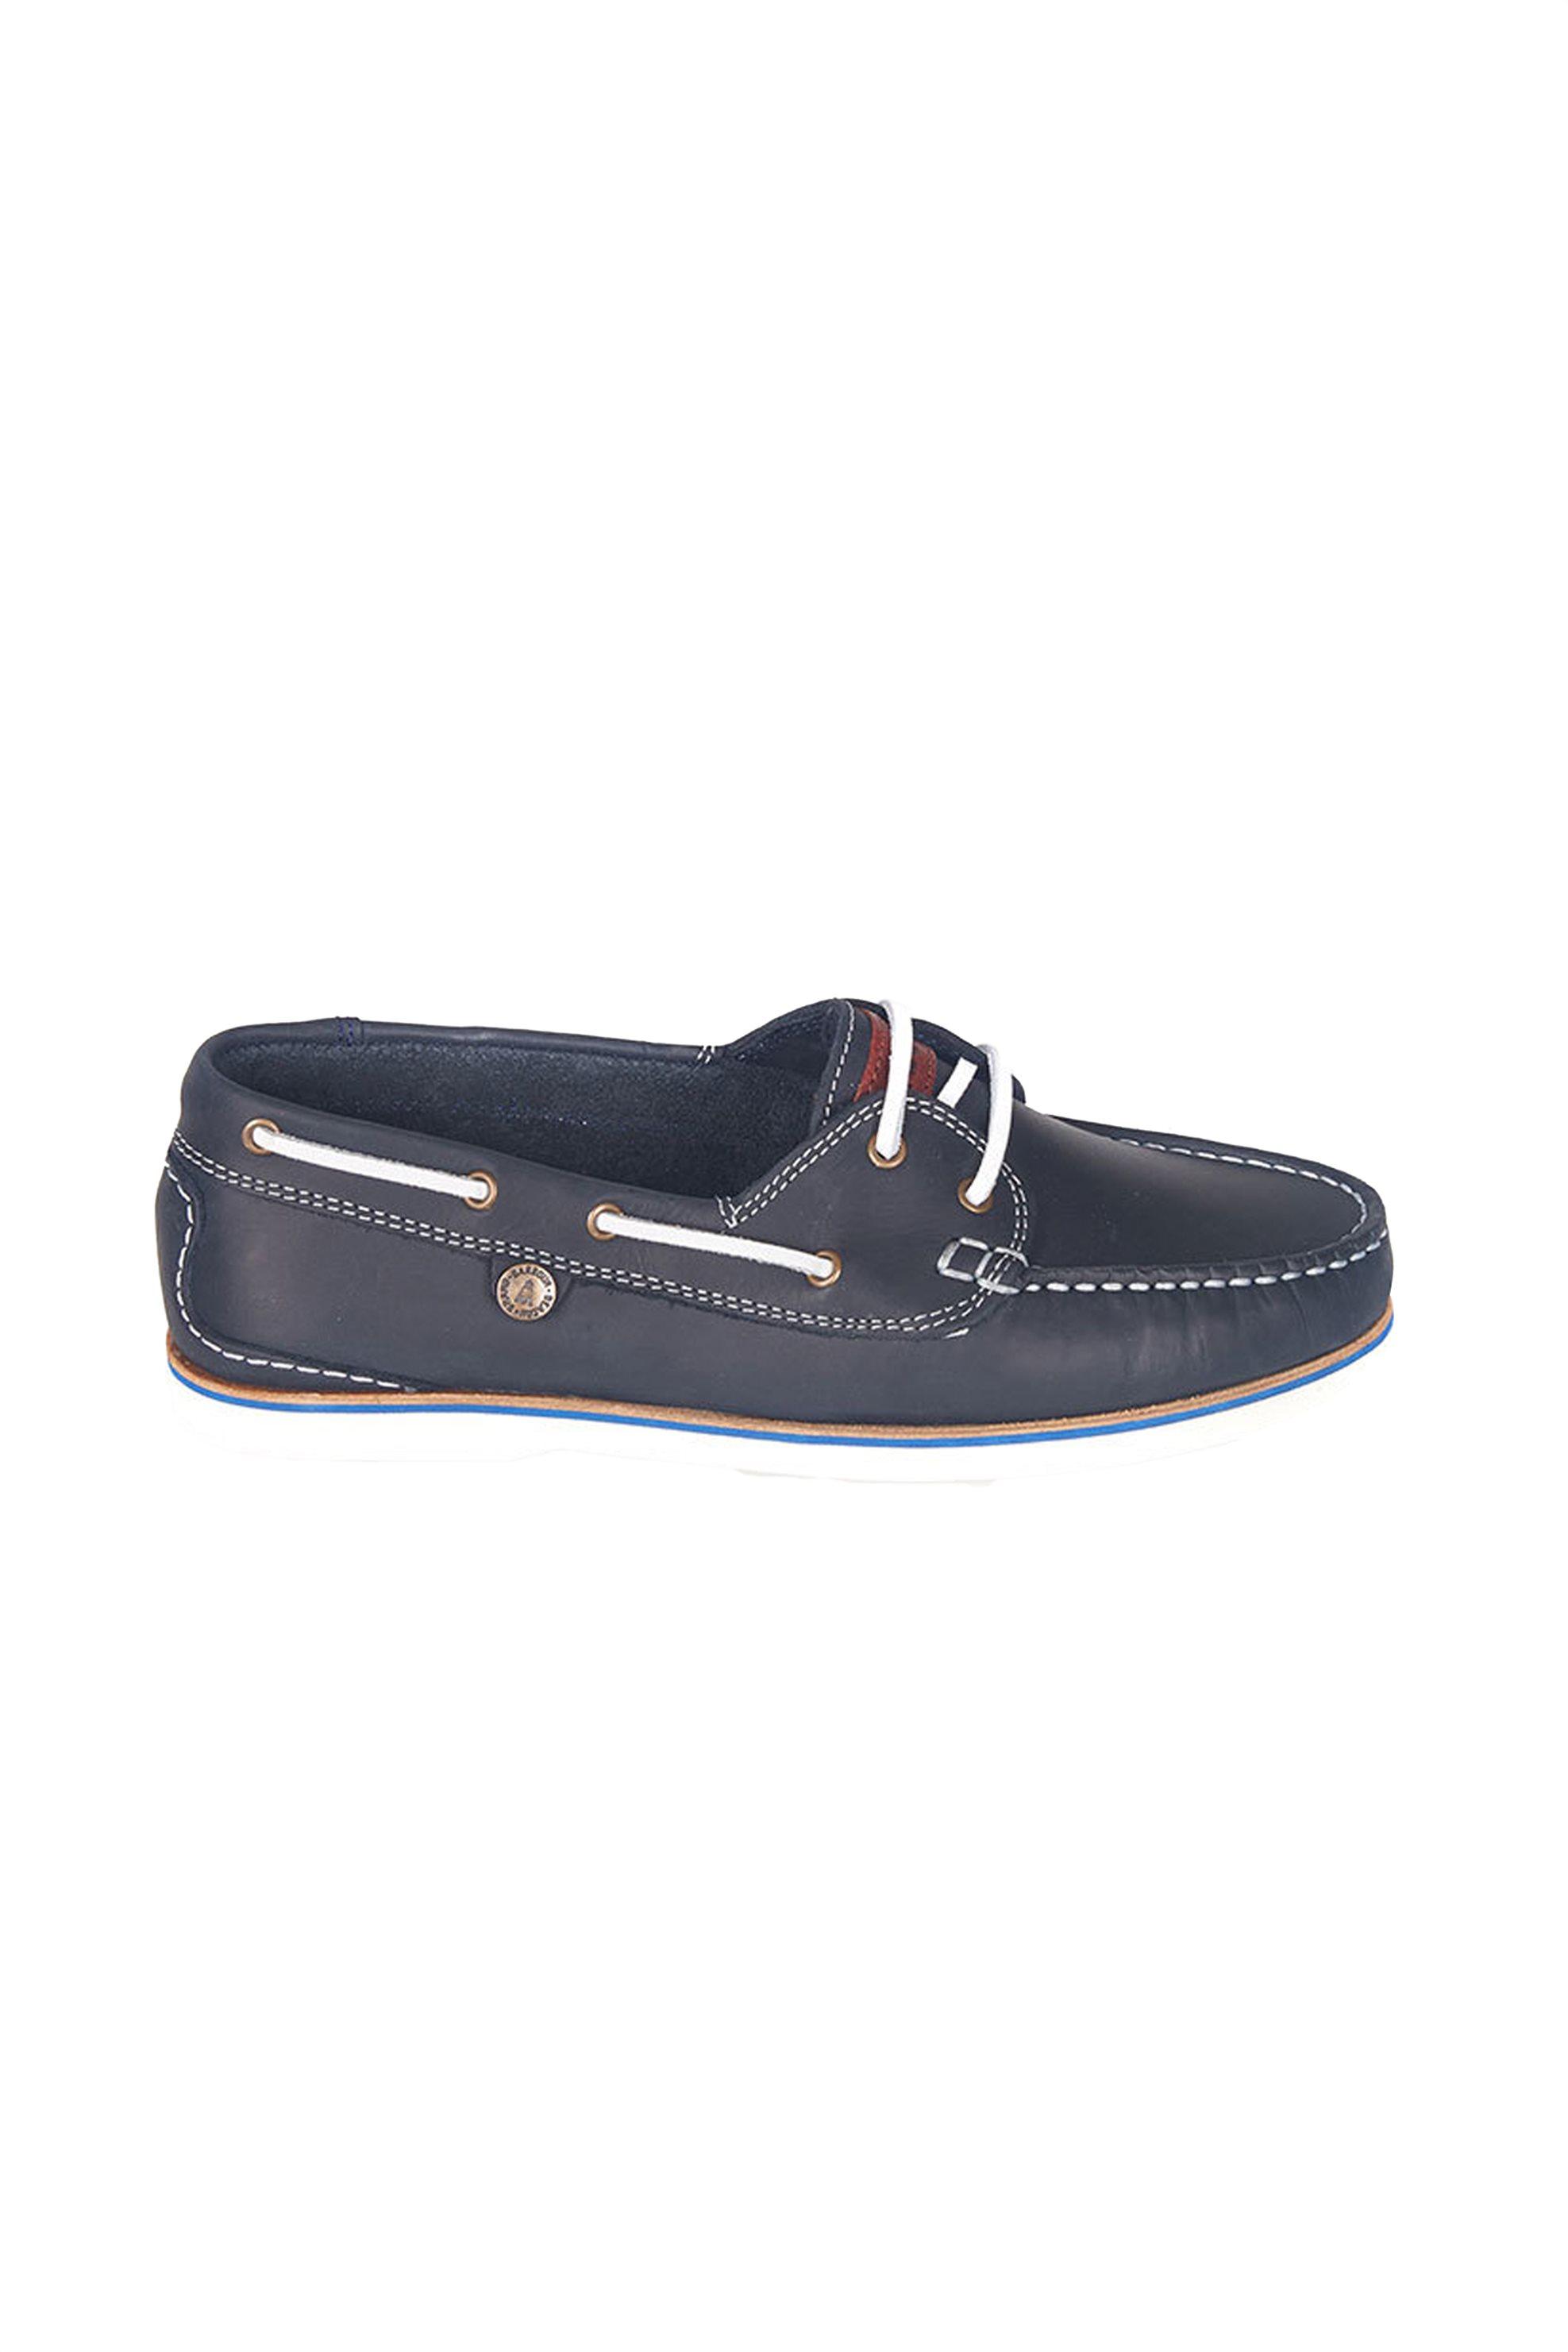 Barbour γυναικεία boat shoes - LFO0175 - Μπλε Σκούρο